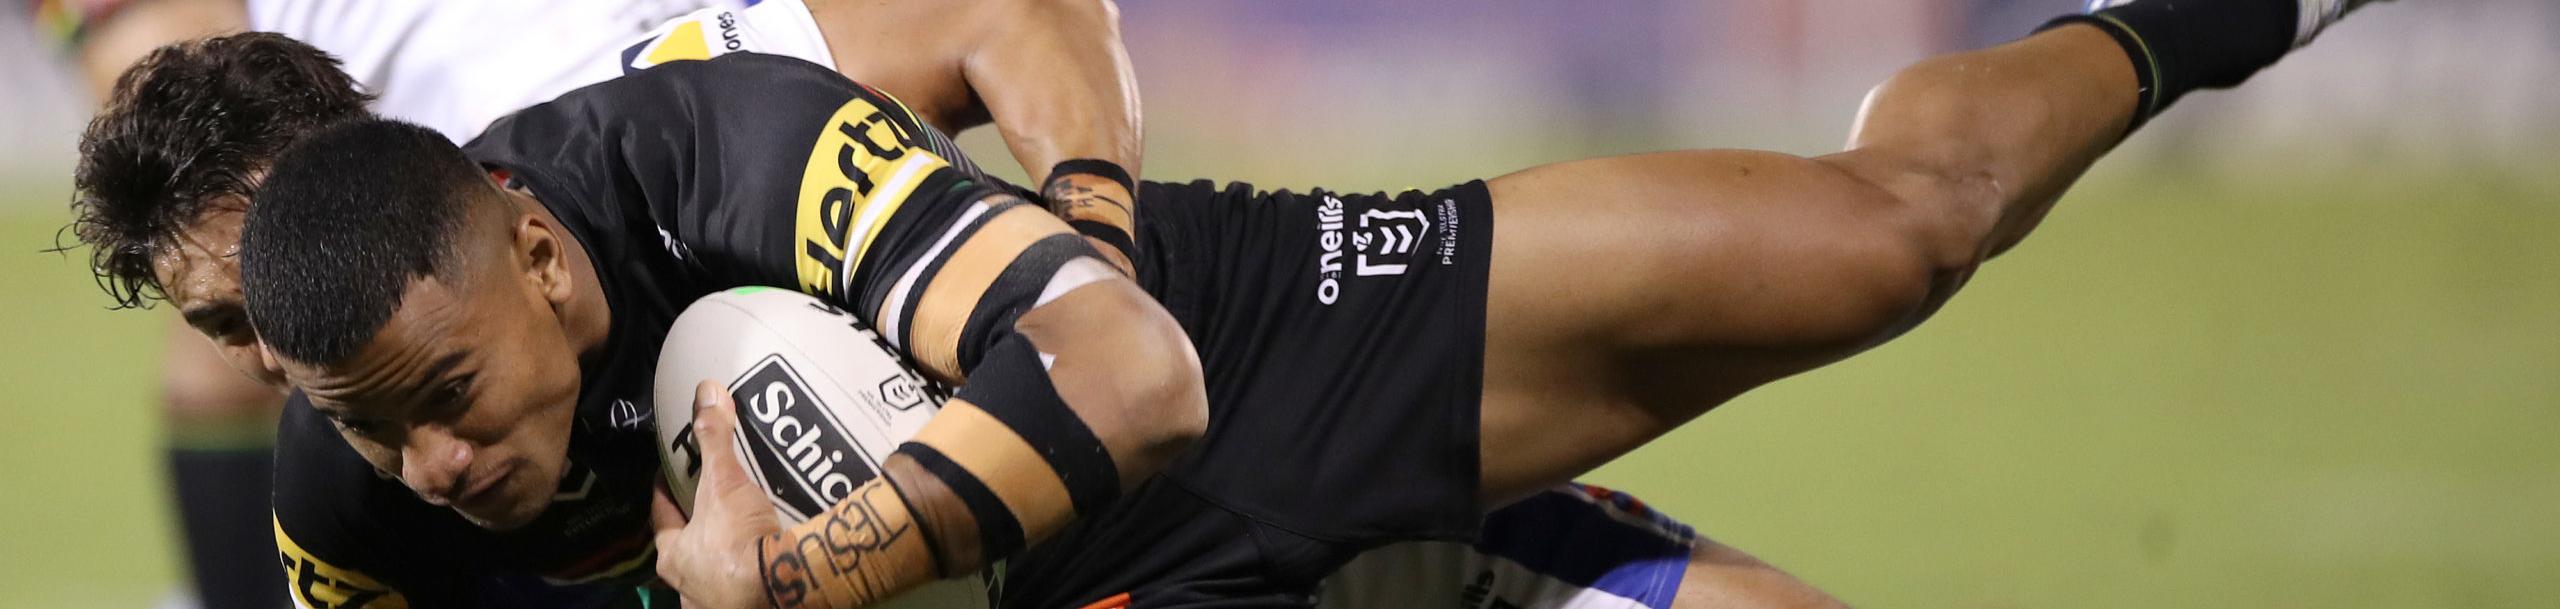 Scommesse sportive, il palinsesto bwin del 07/6/2020: rugby, basket e calcio nel menù di oggi